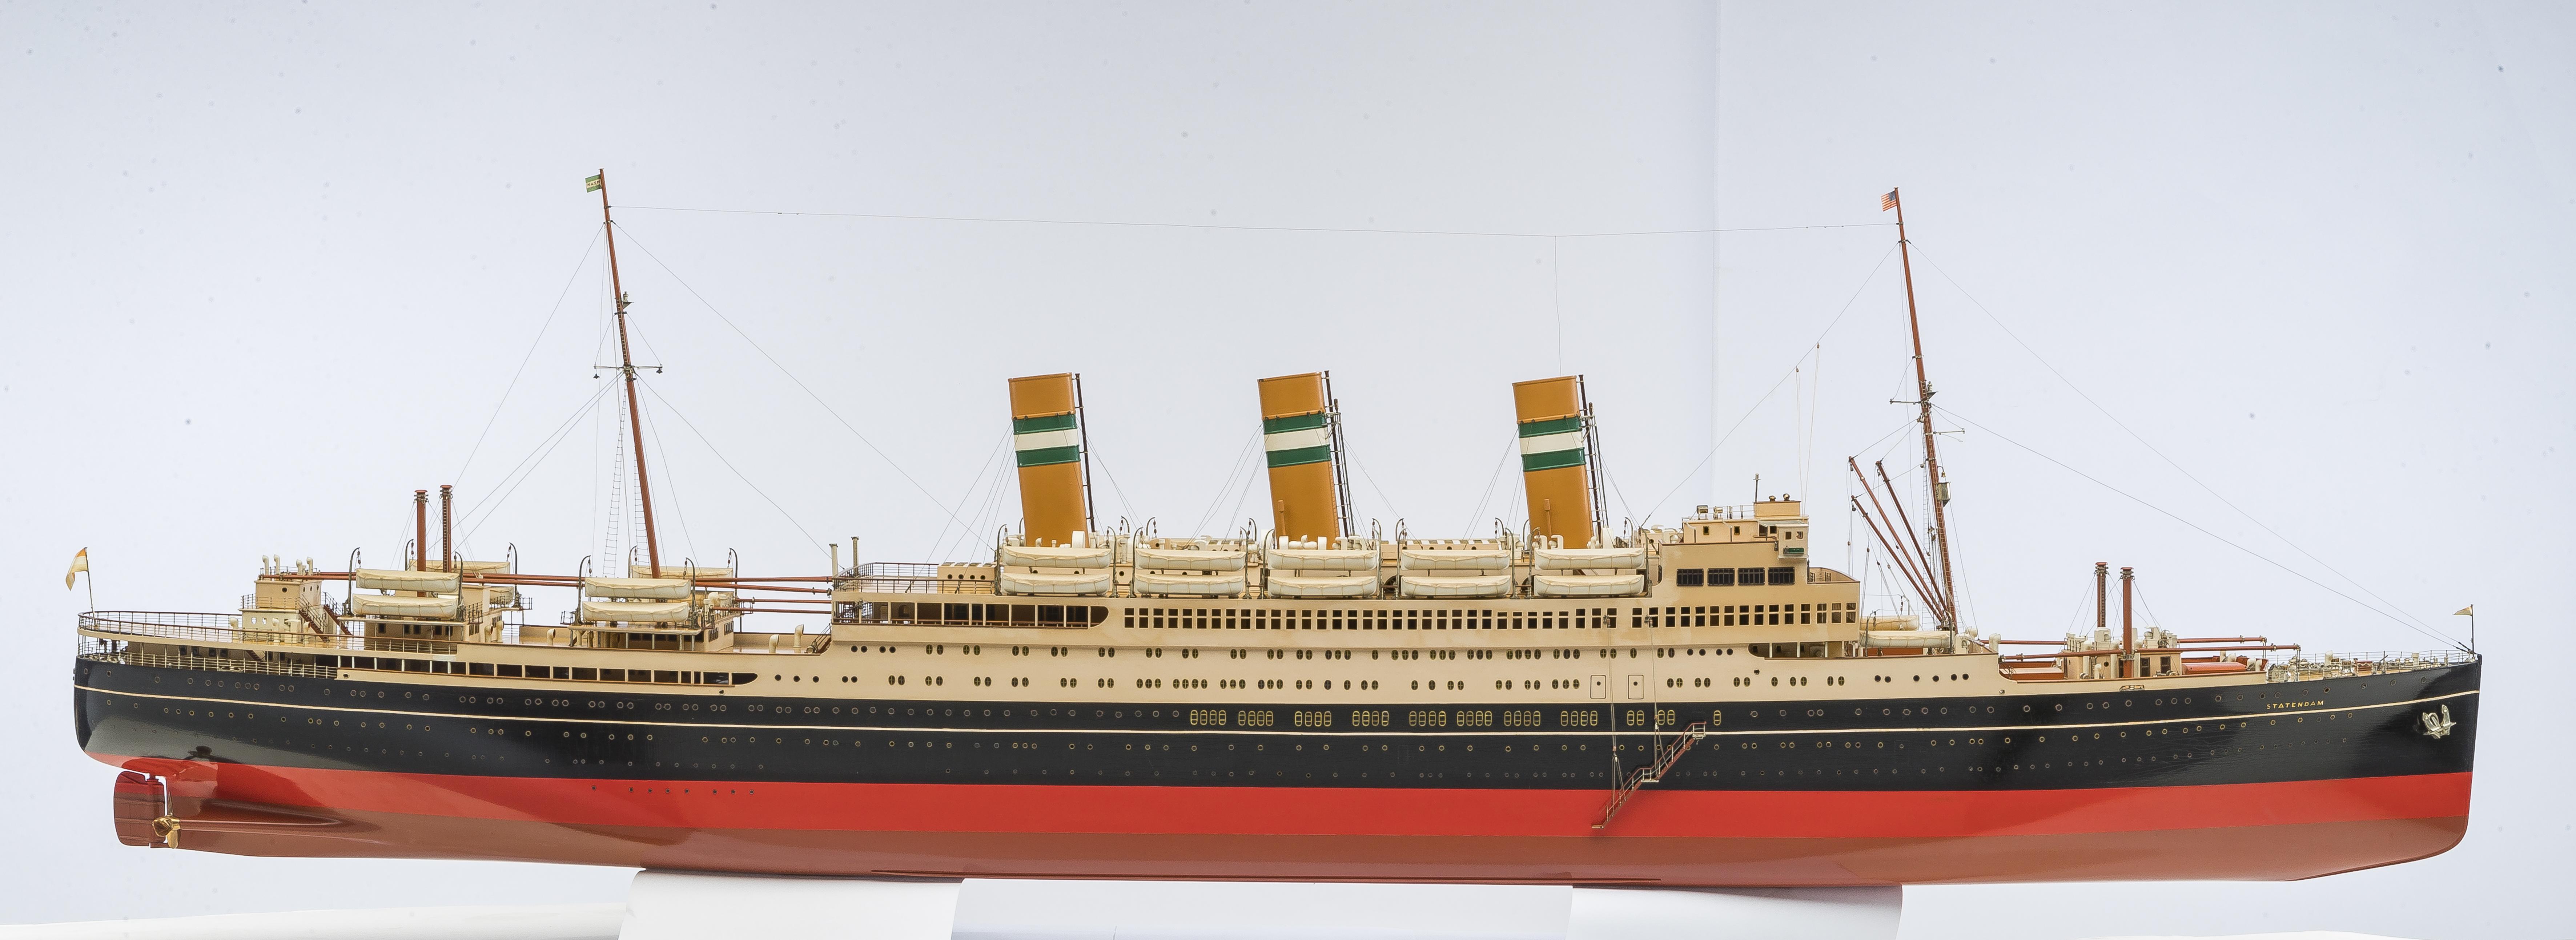 Mariteim Museum Rotterdam Fotografie van collectie stukken voor een boek behorende bij de expositie